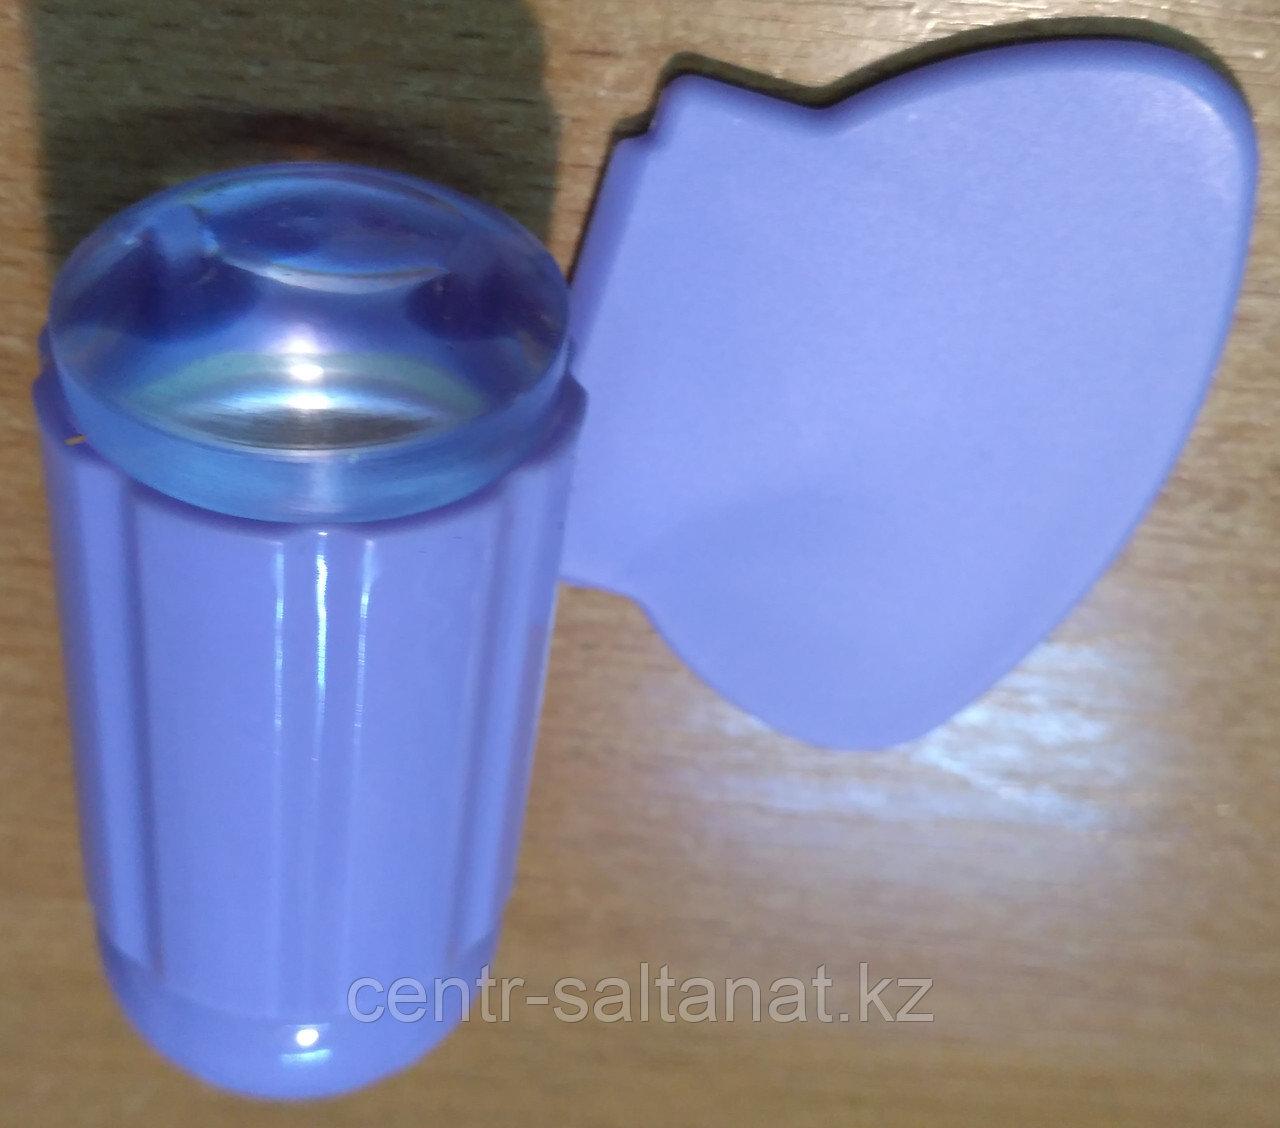 Стемпинг силиконовый для дизайна ногтей - фото 2